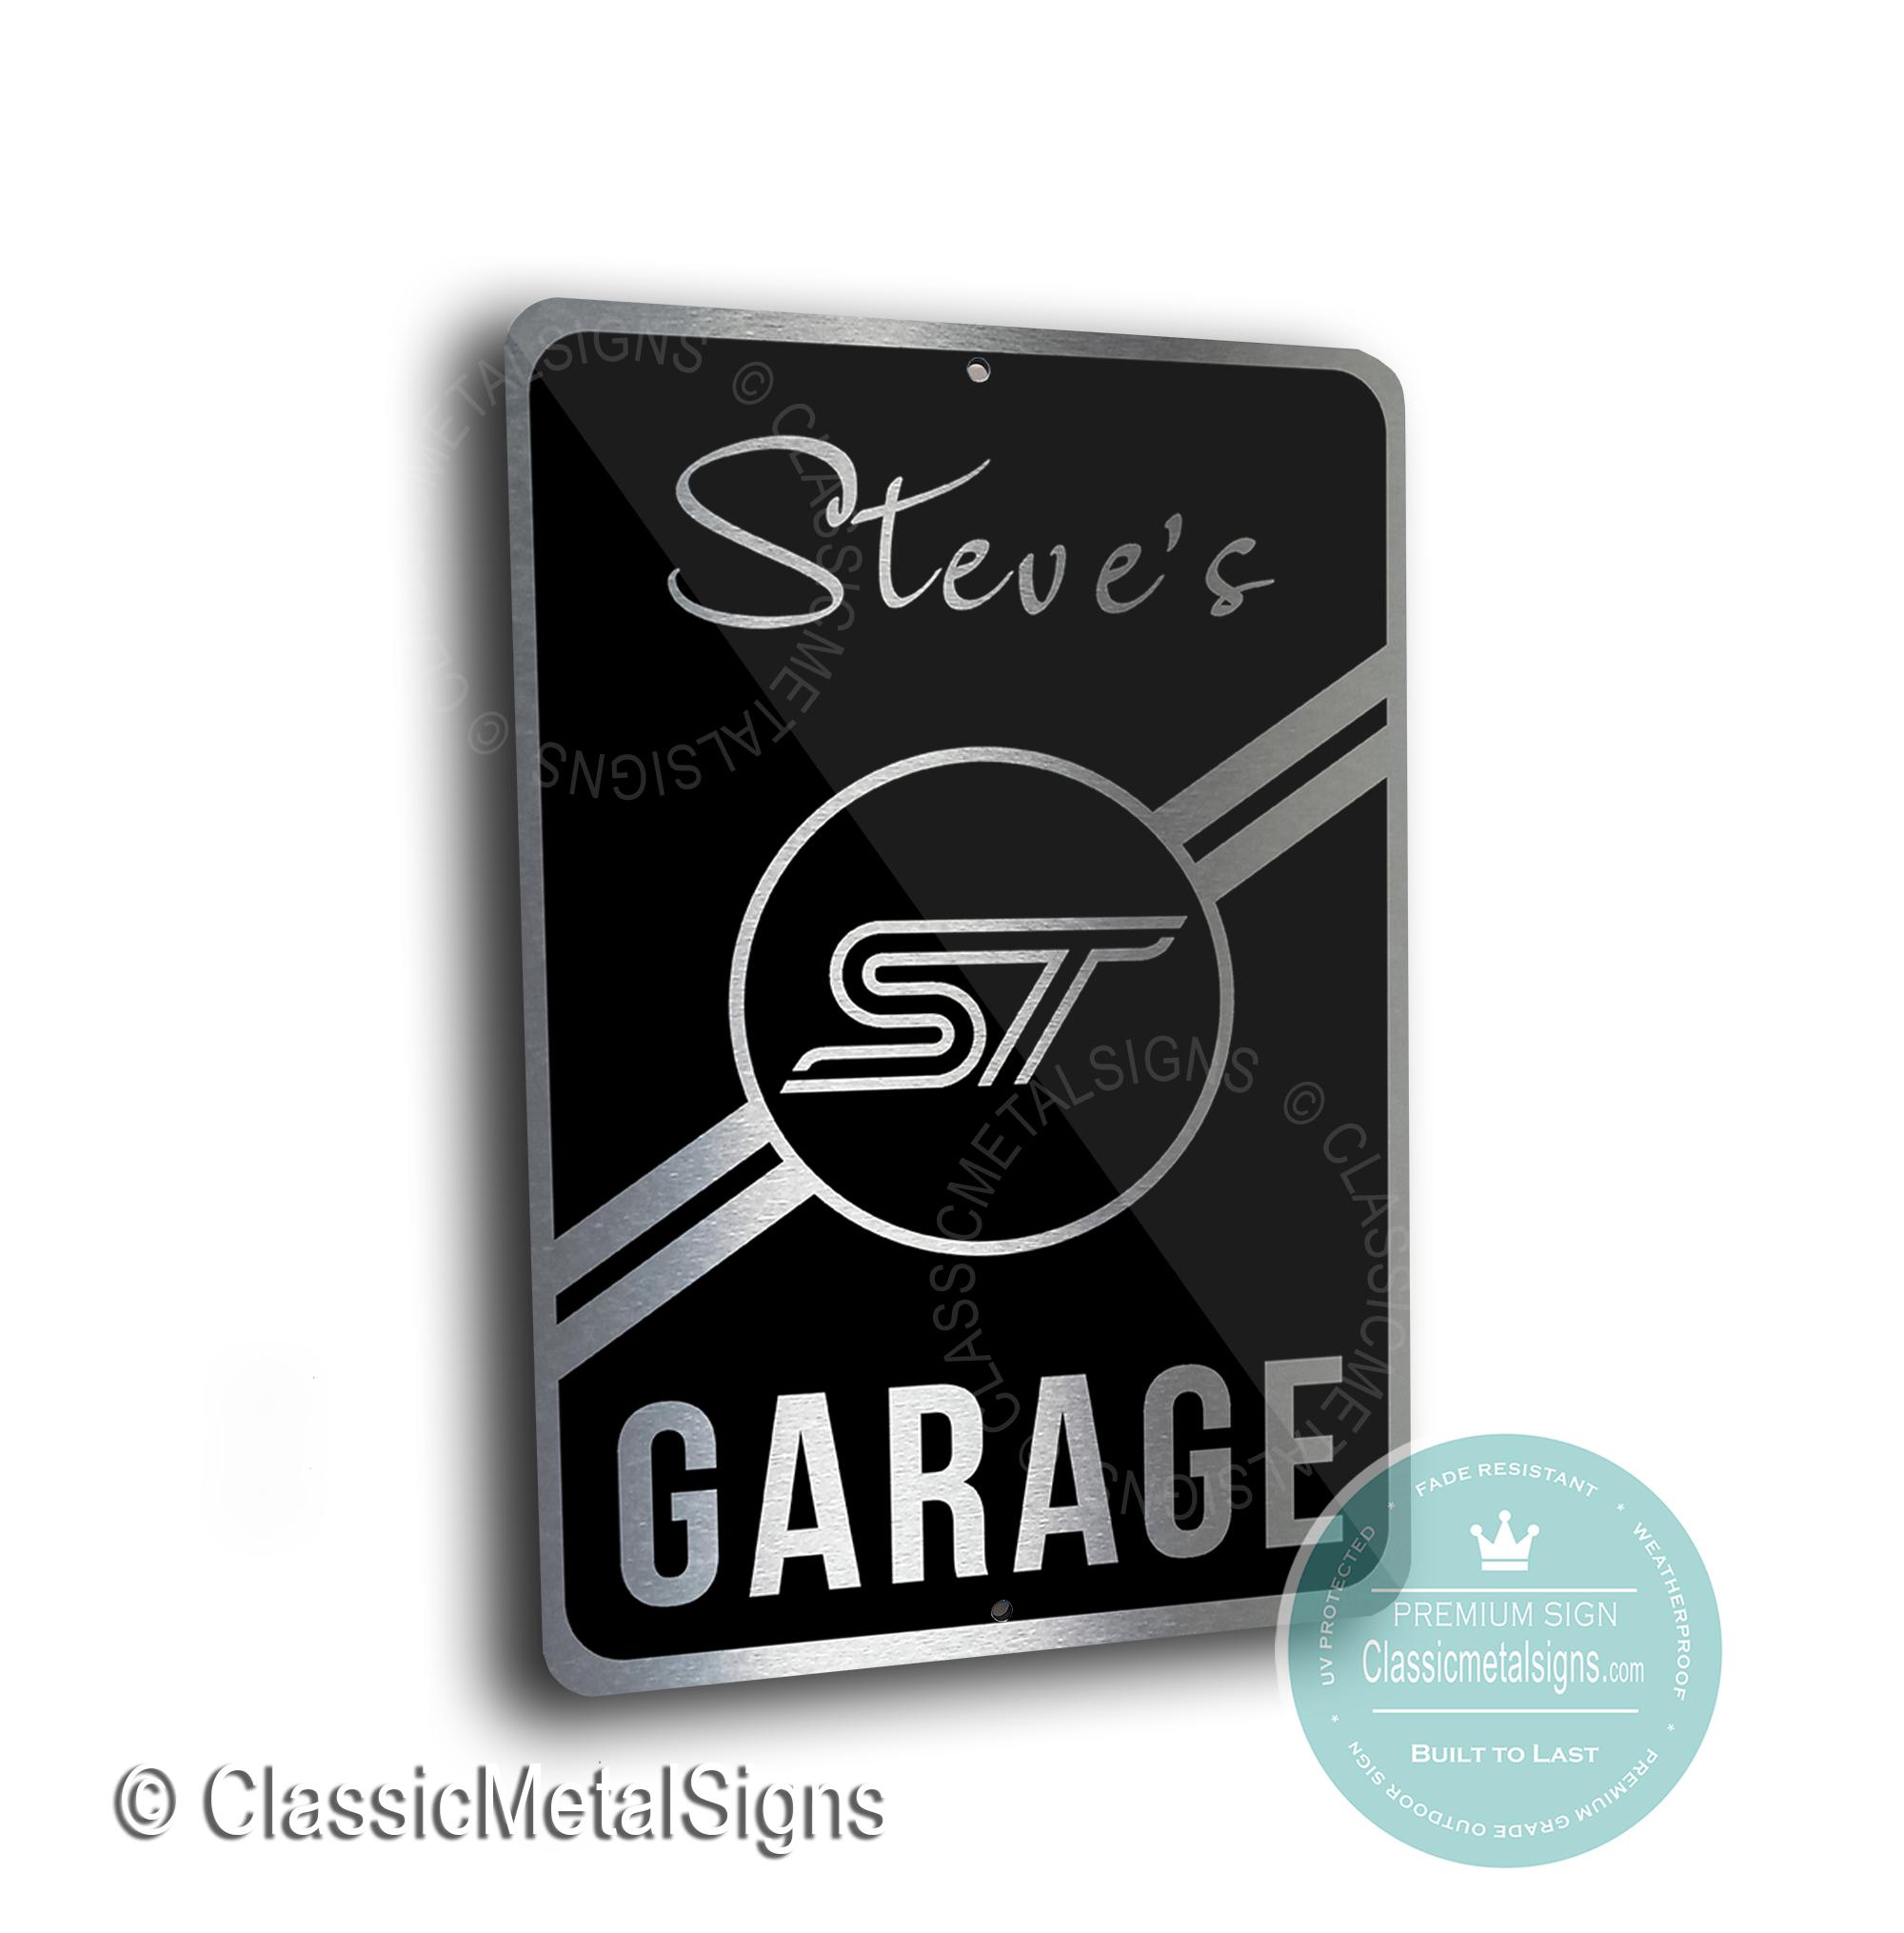 ST Garage Signs